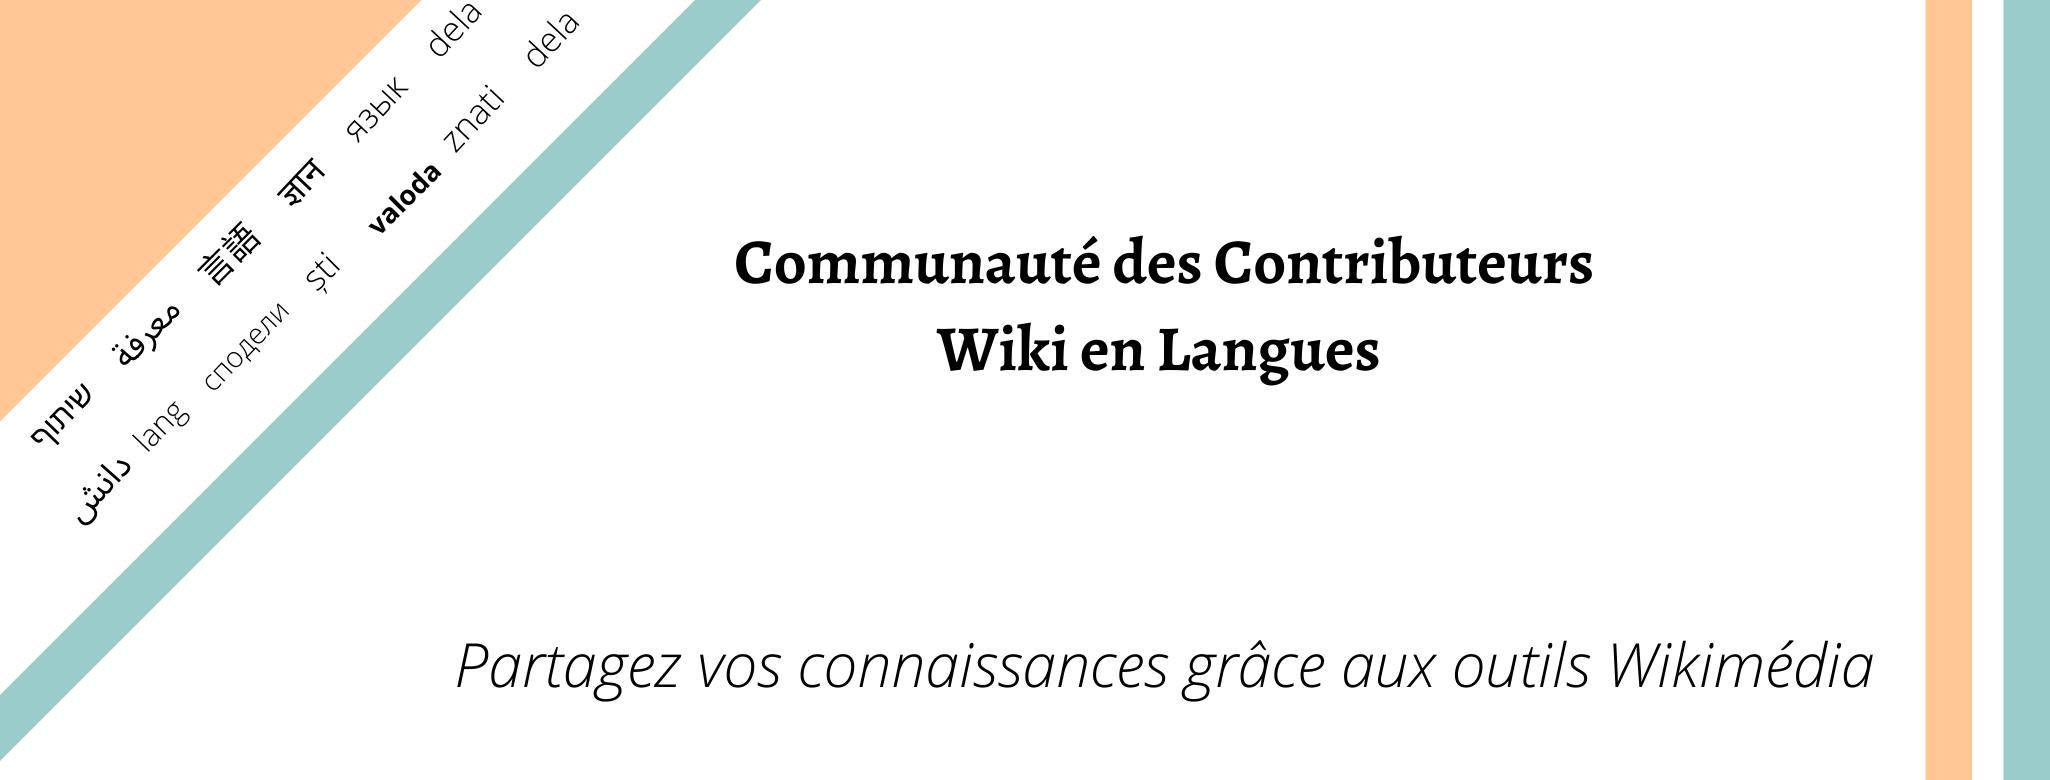 CCWL - Communauté des Contributeurs Wiki en Langues